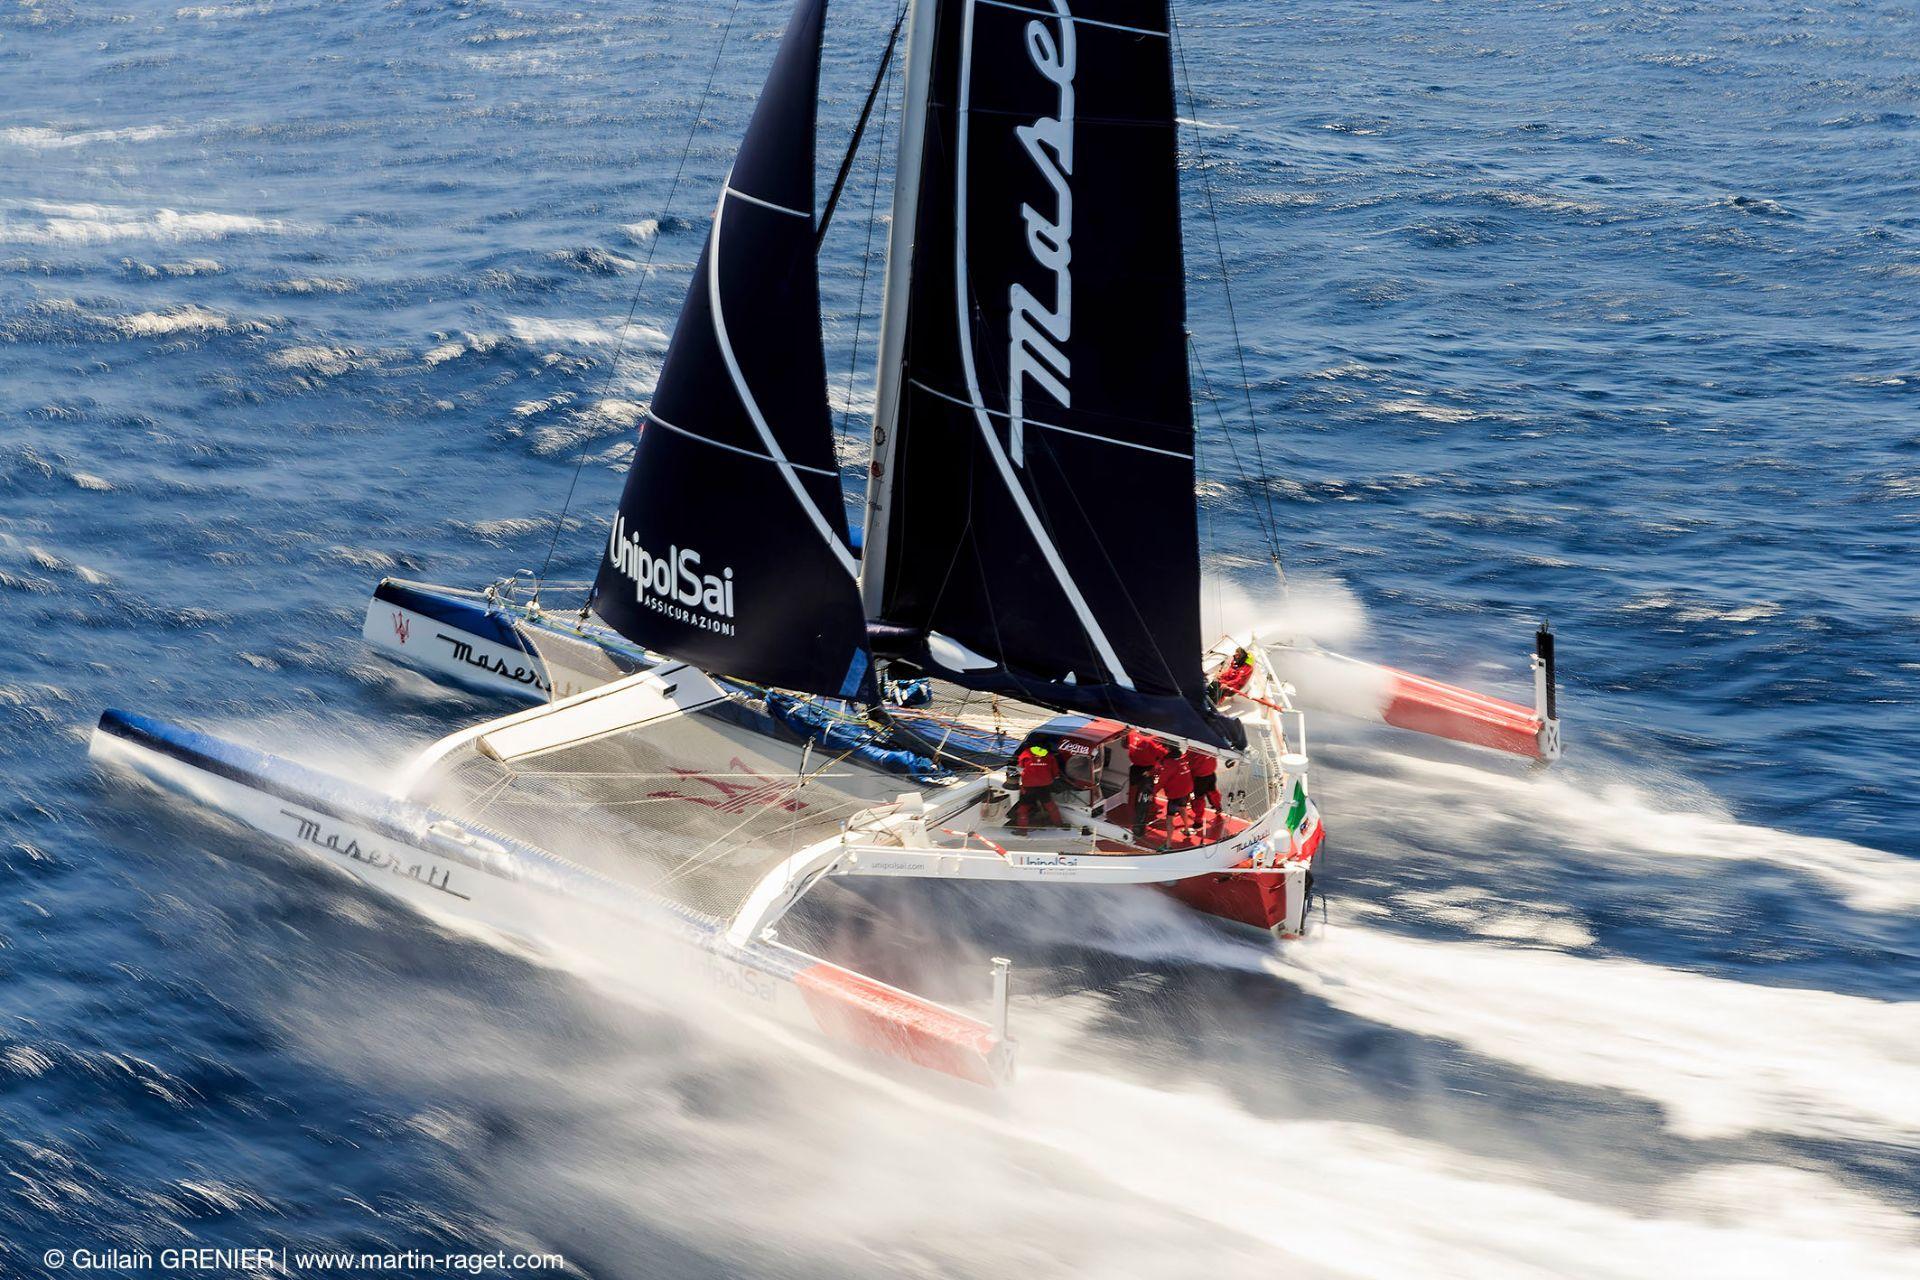 Un nuevo desafío para el Maserati Multi70 y Giovanni Soldini.